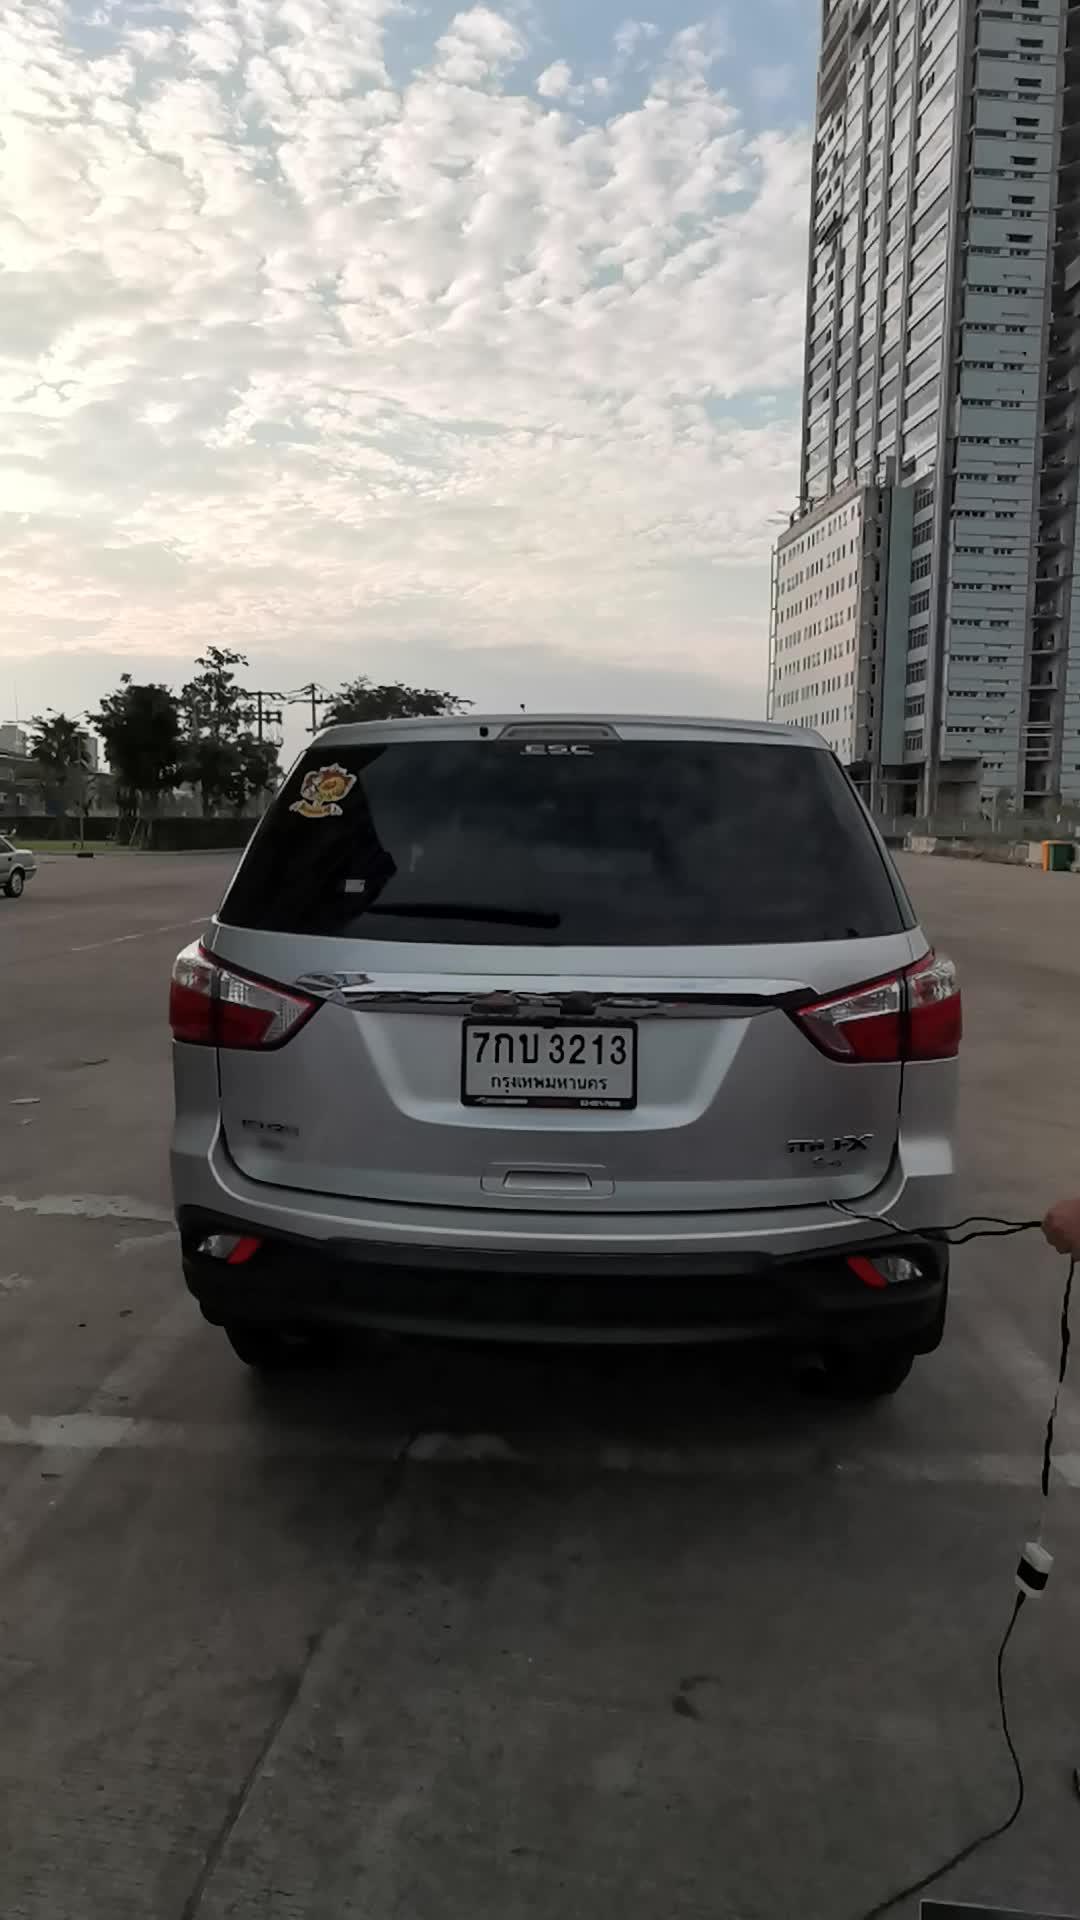 Автоматически открыть аксессуар автомобиля часть Смарт Электрический багажника лифт для mux